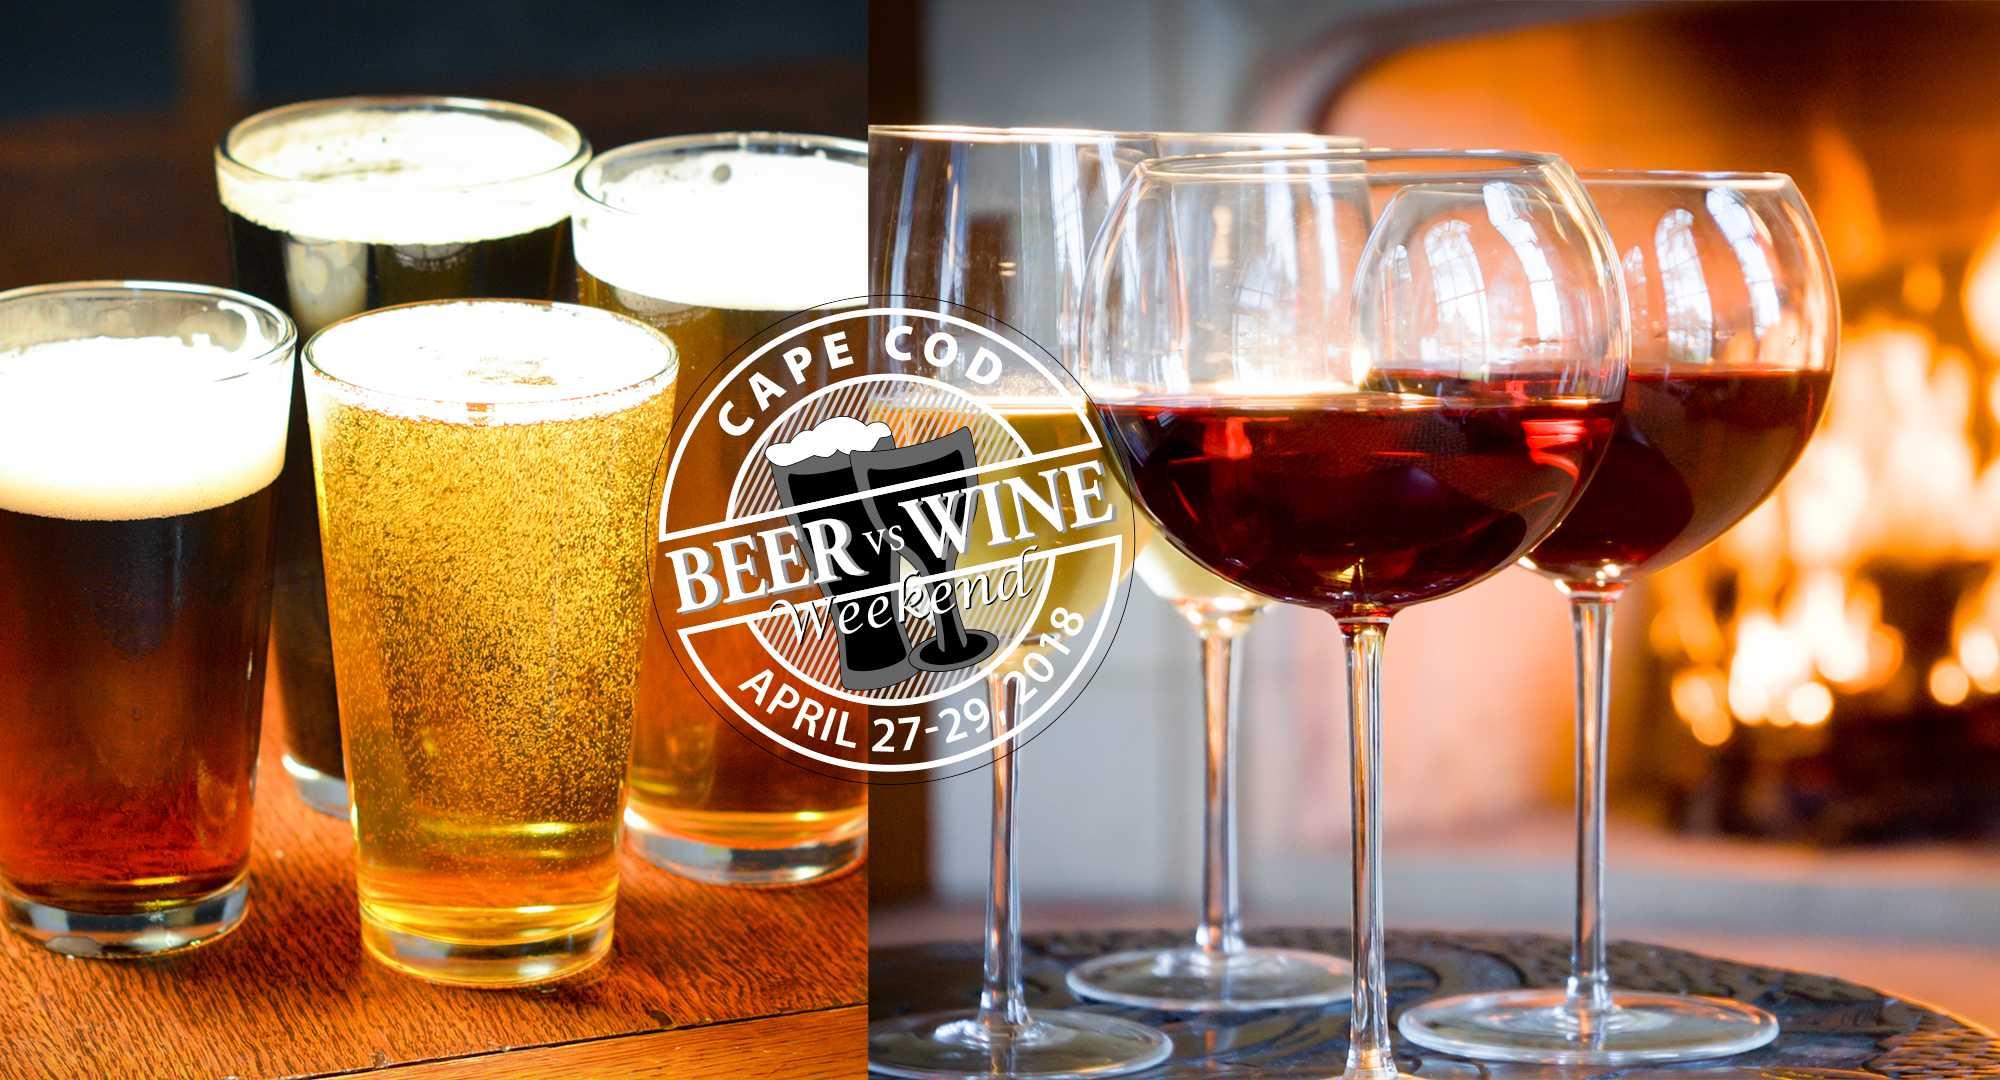 Cape Cod Beer vs Wine Weekend